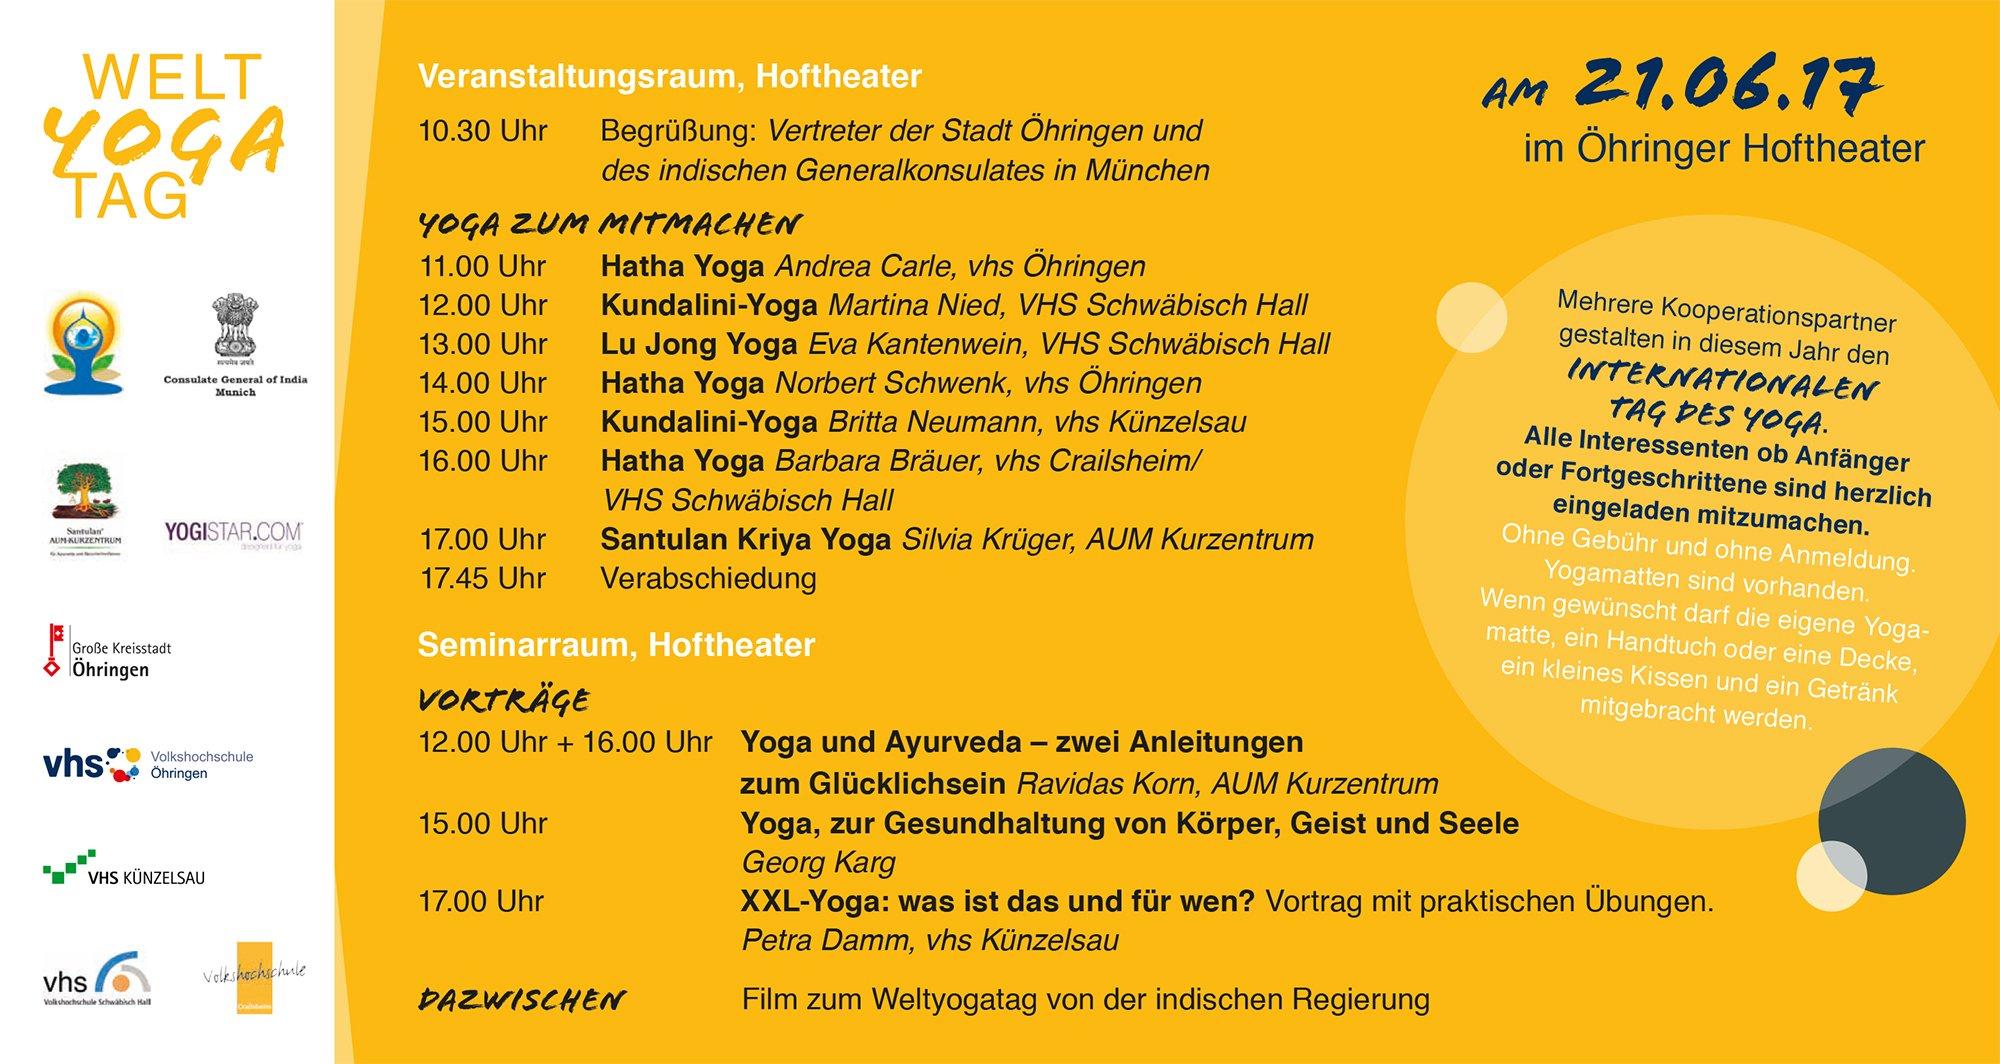 Welt Yoga Tag 2017 in Öhringen